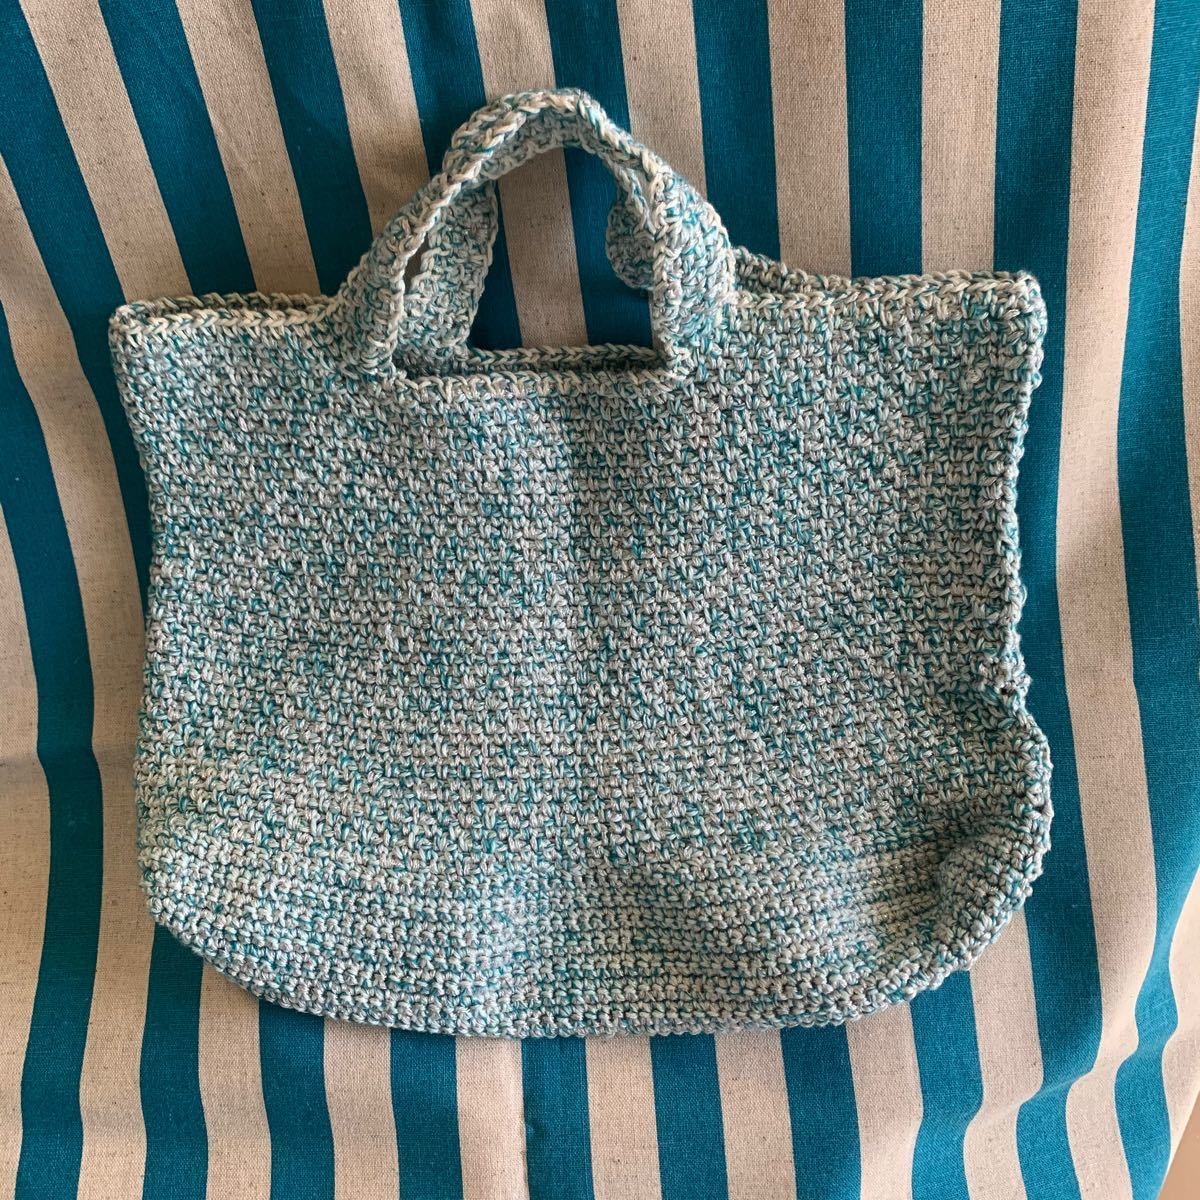 マイバッグ お弁当バッグ ちょっとそこまでバッグ 手作り(水色系)